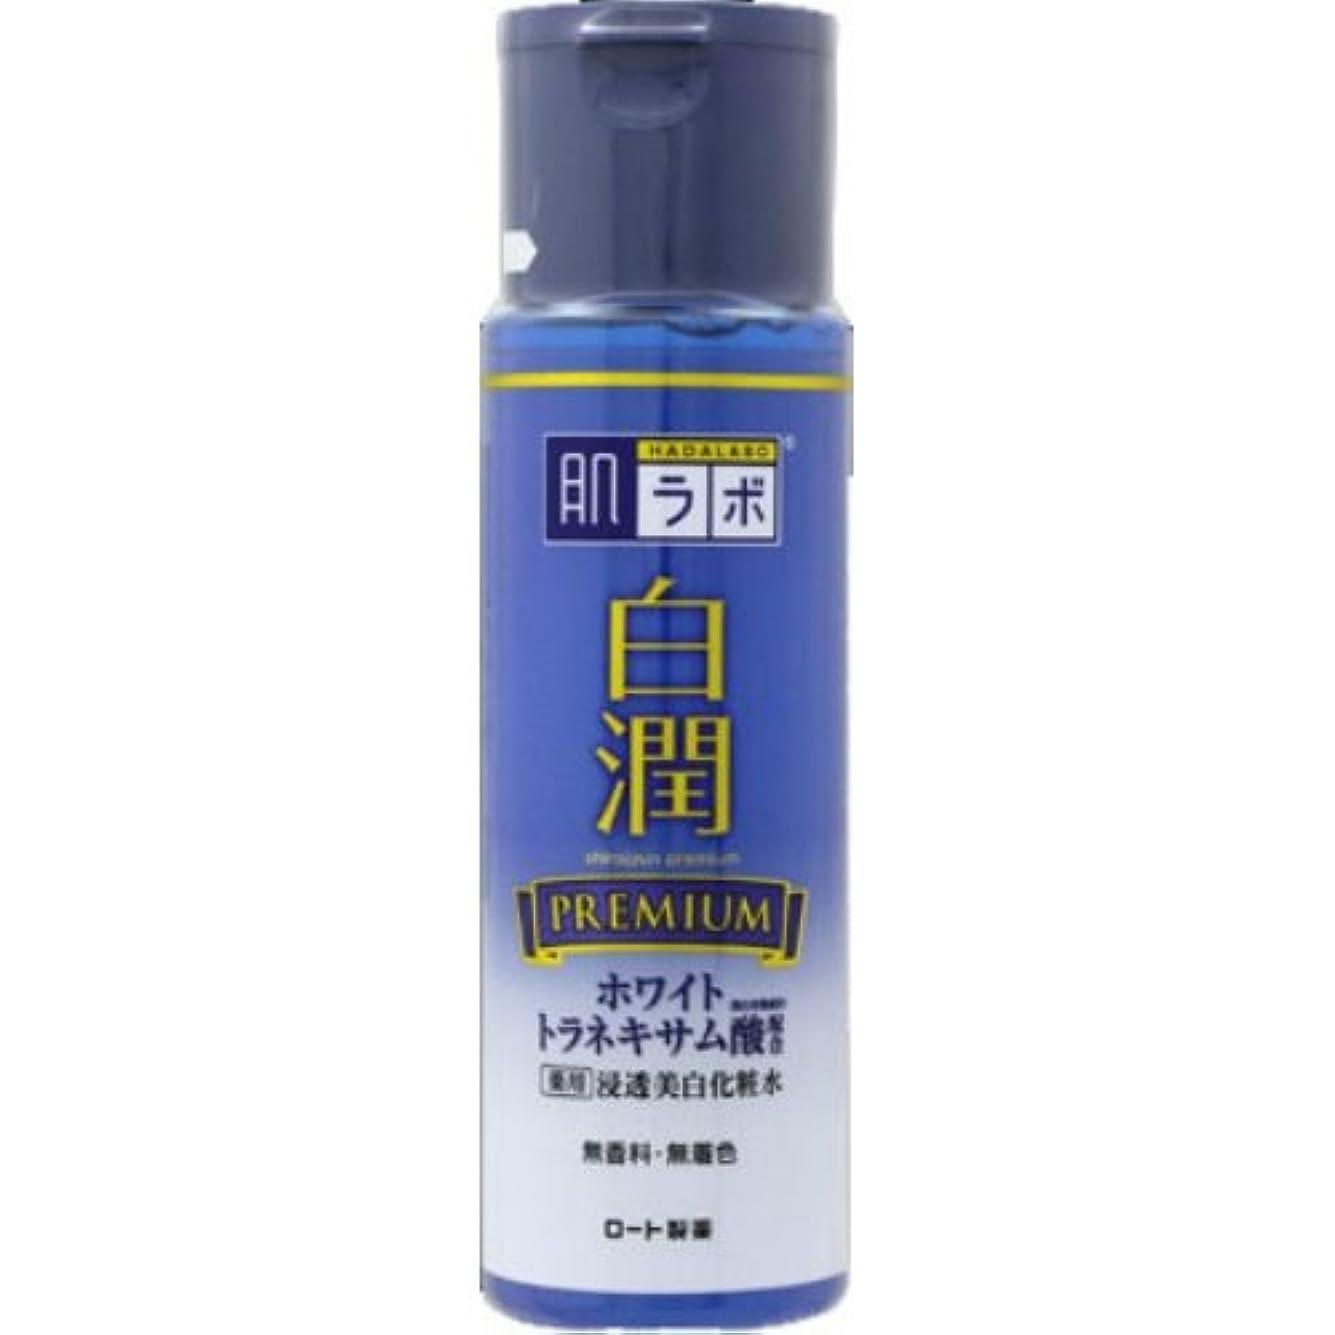 インスタント前方へ定期的な肌ラボ 白潤プレミアム 薬用浸透美白化粧水 170mL × 5個セット